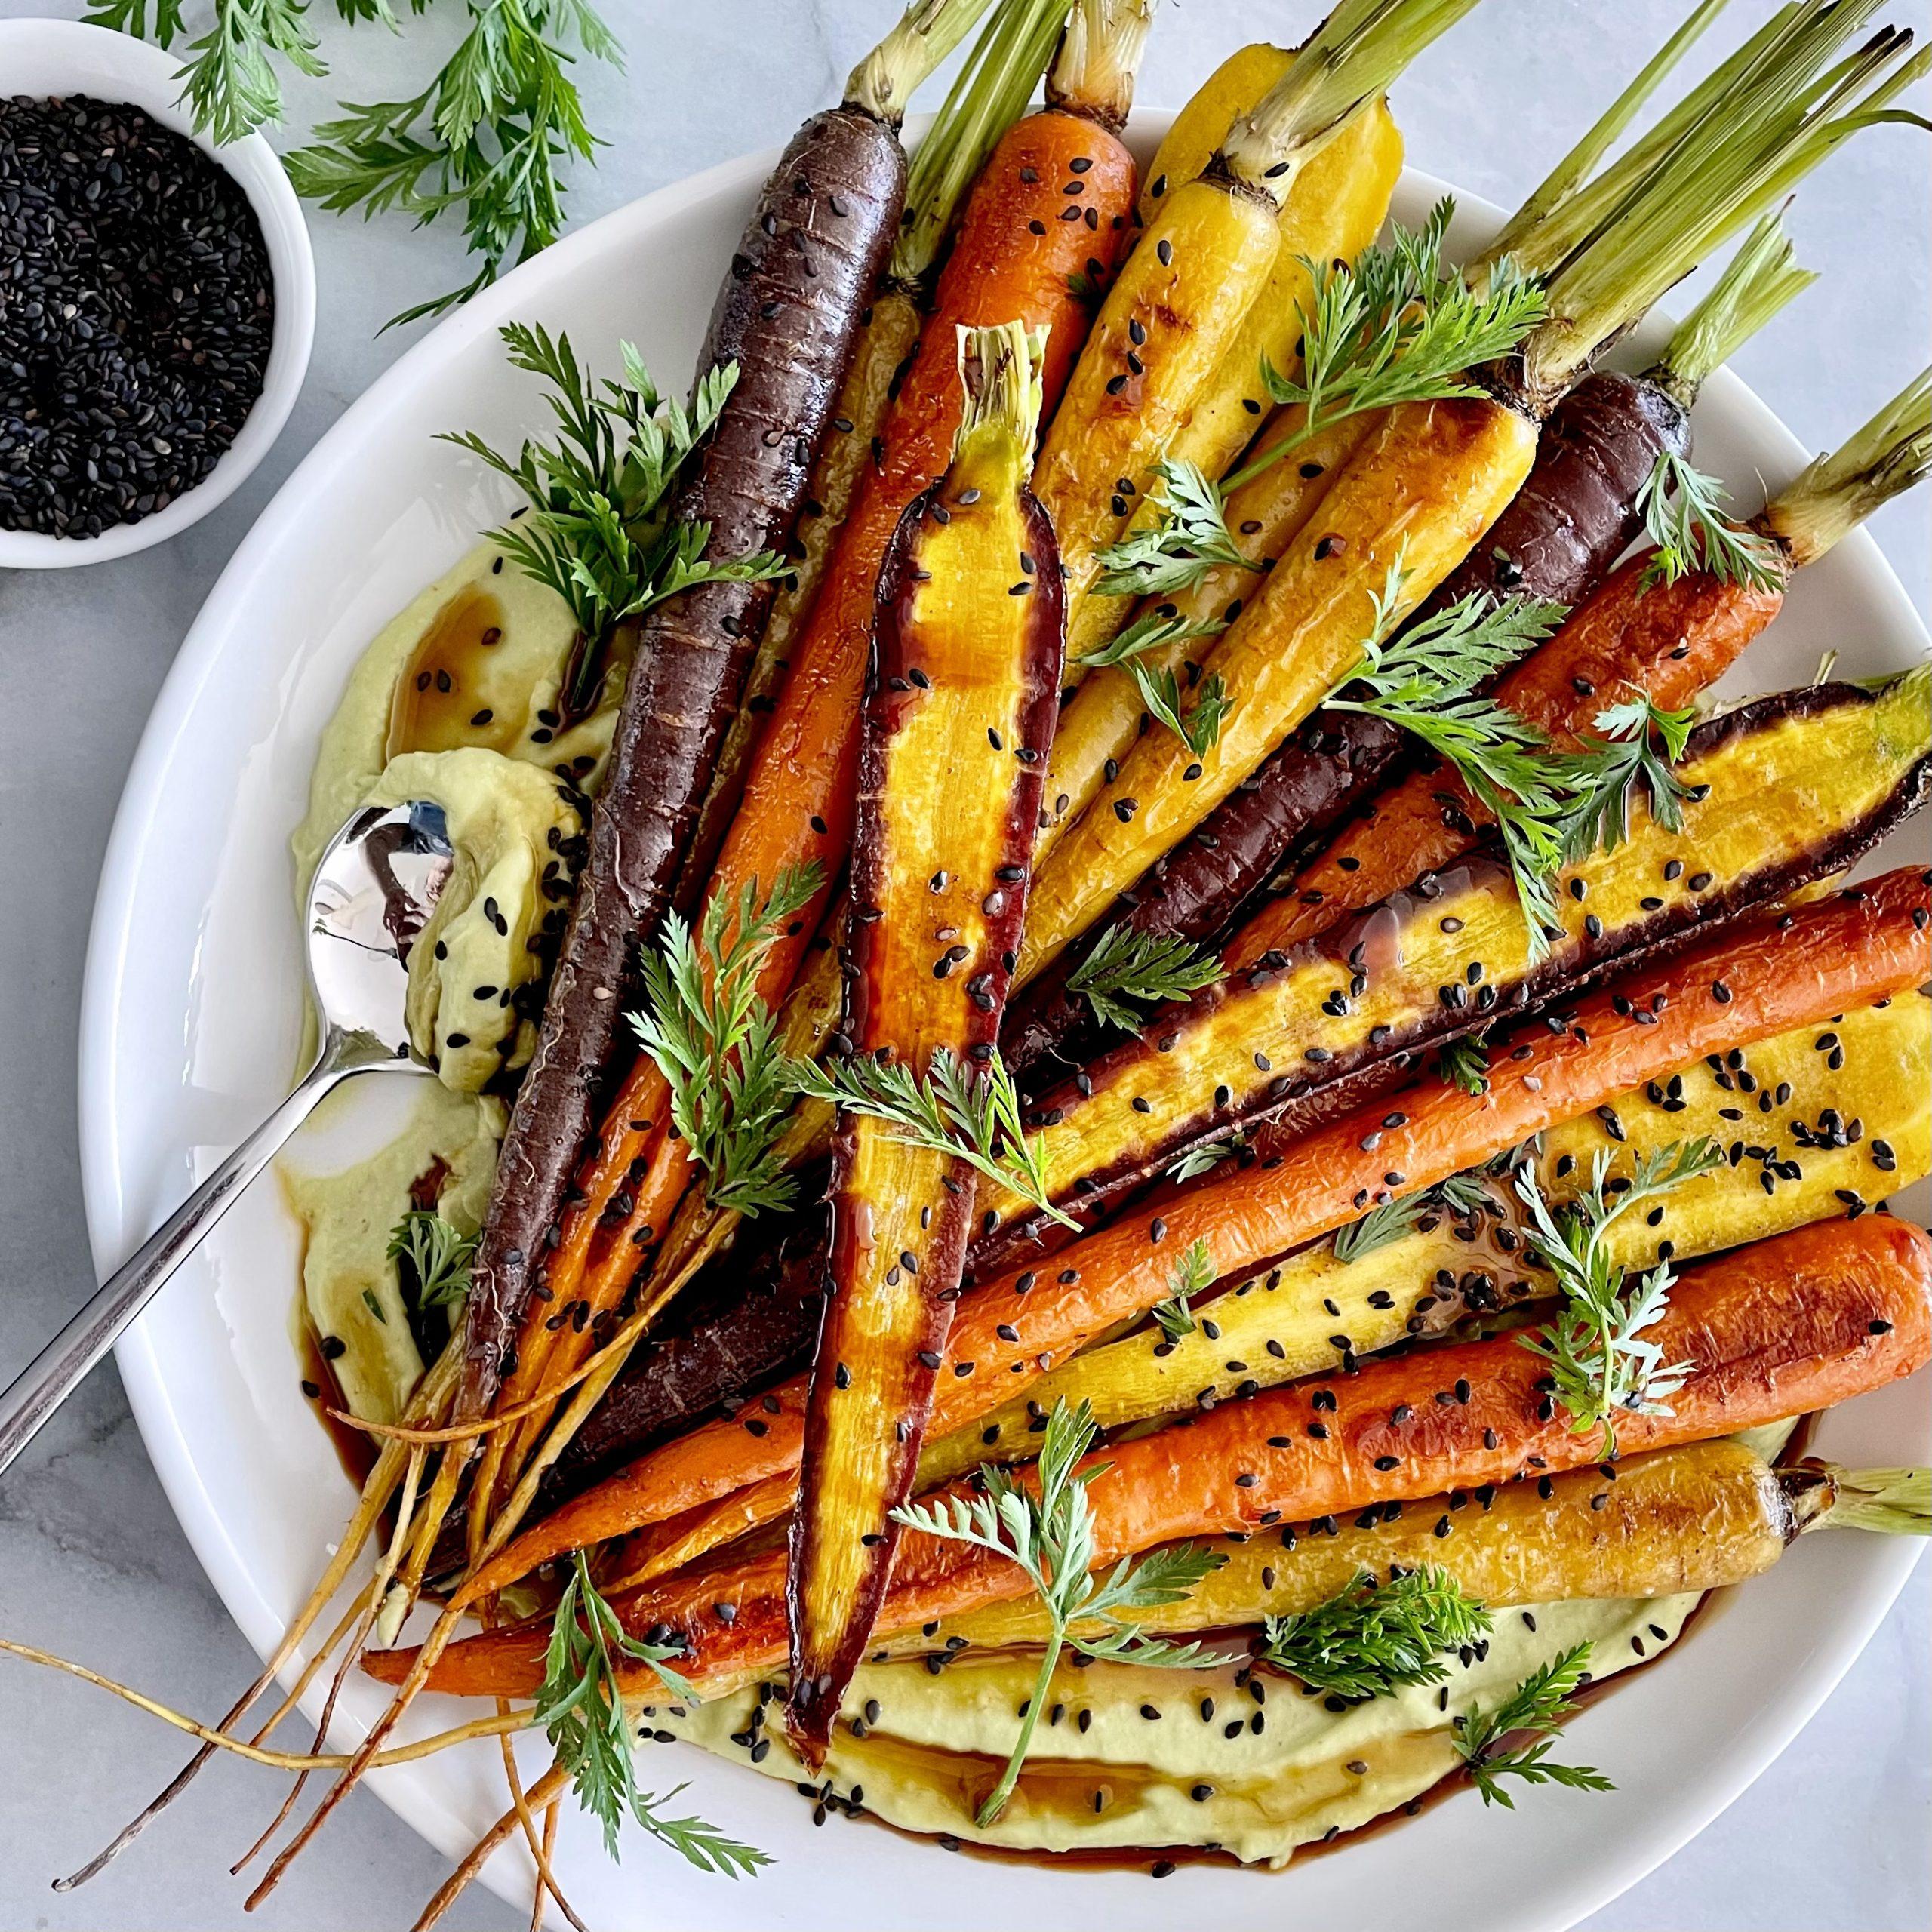 Plate of roasted rainbow carrots